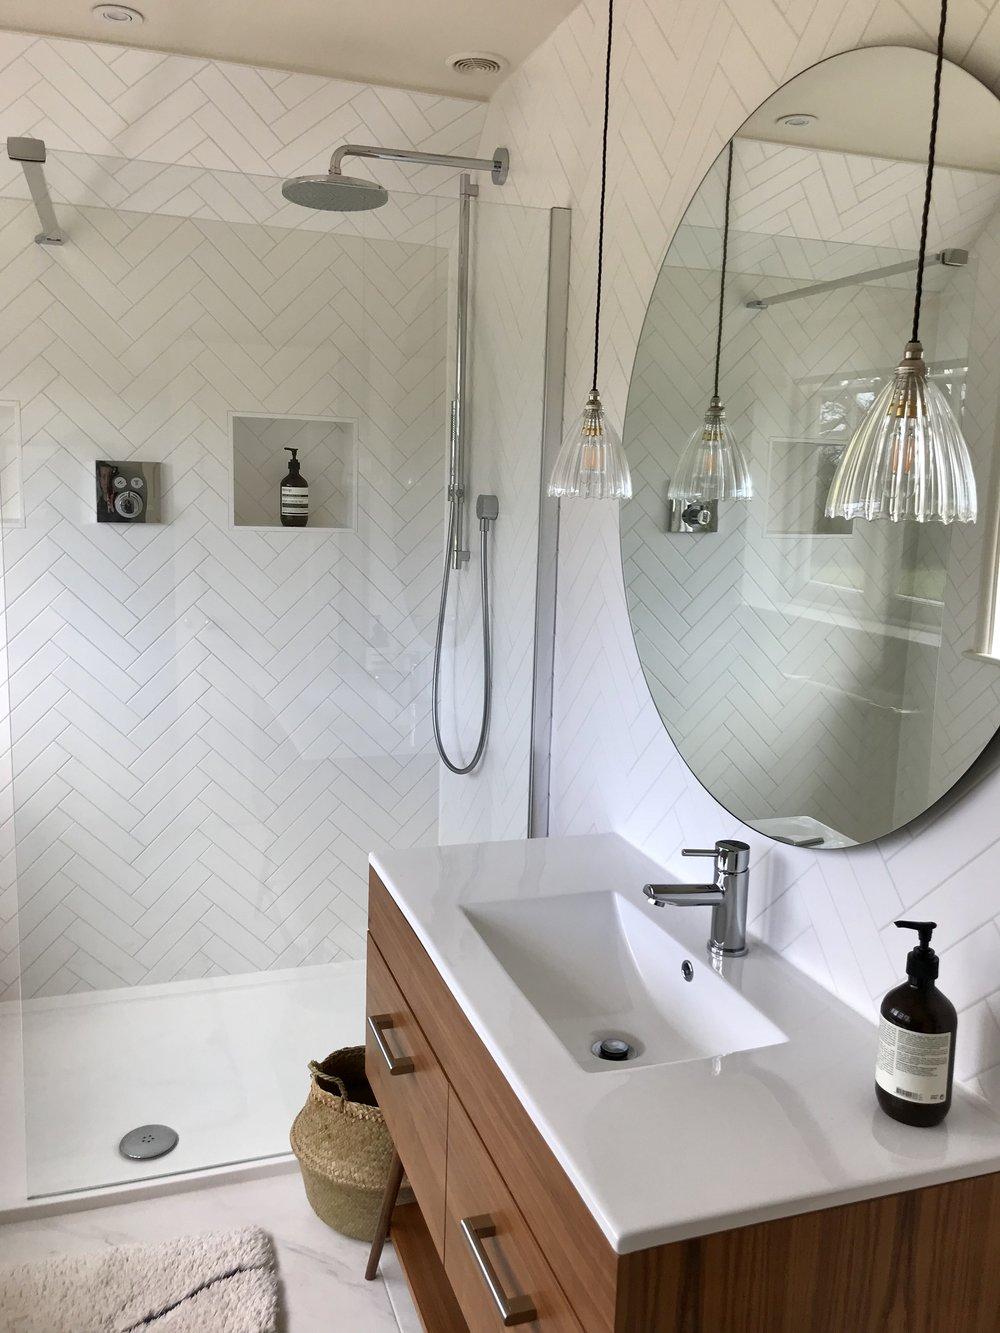 Detached Edwardian - Main bathroom